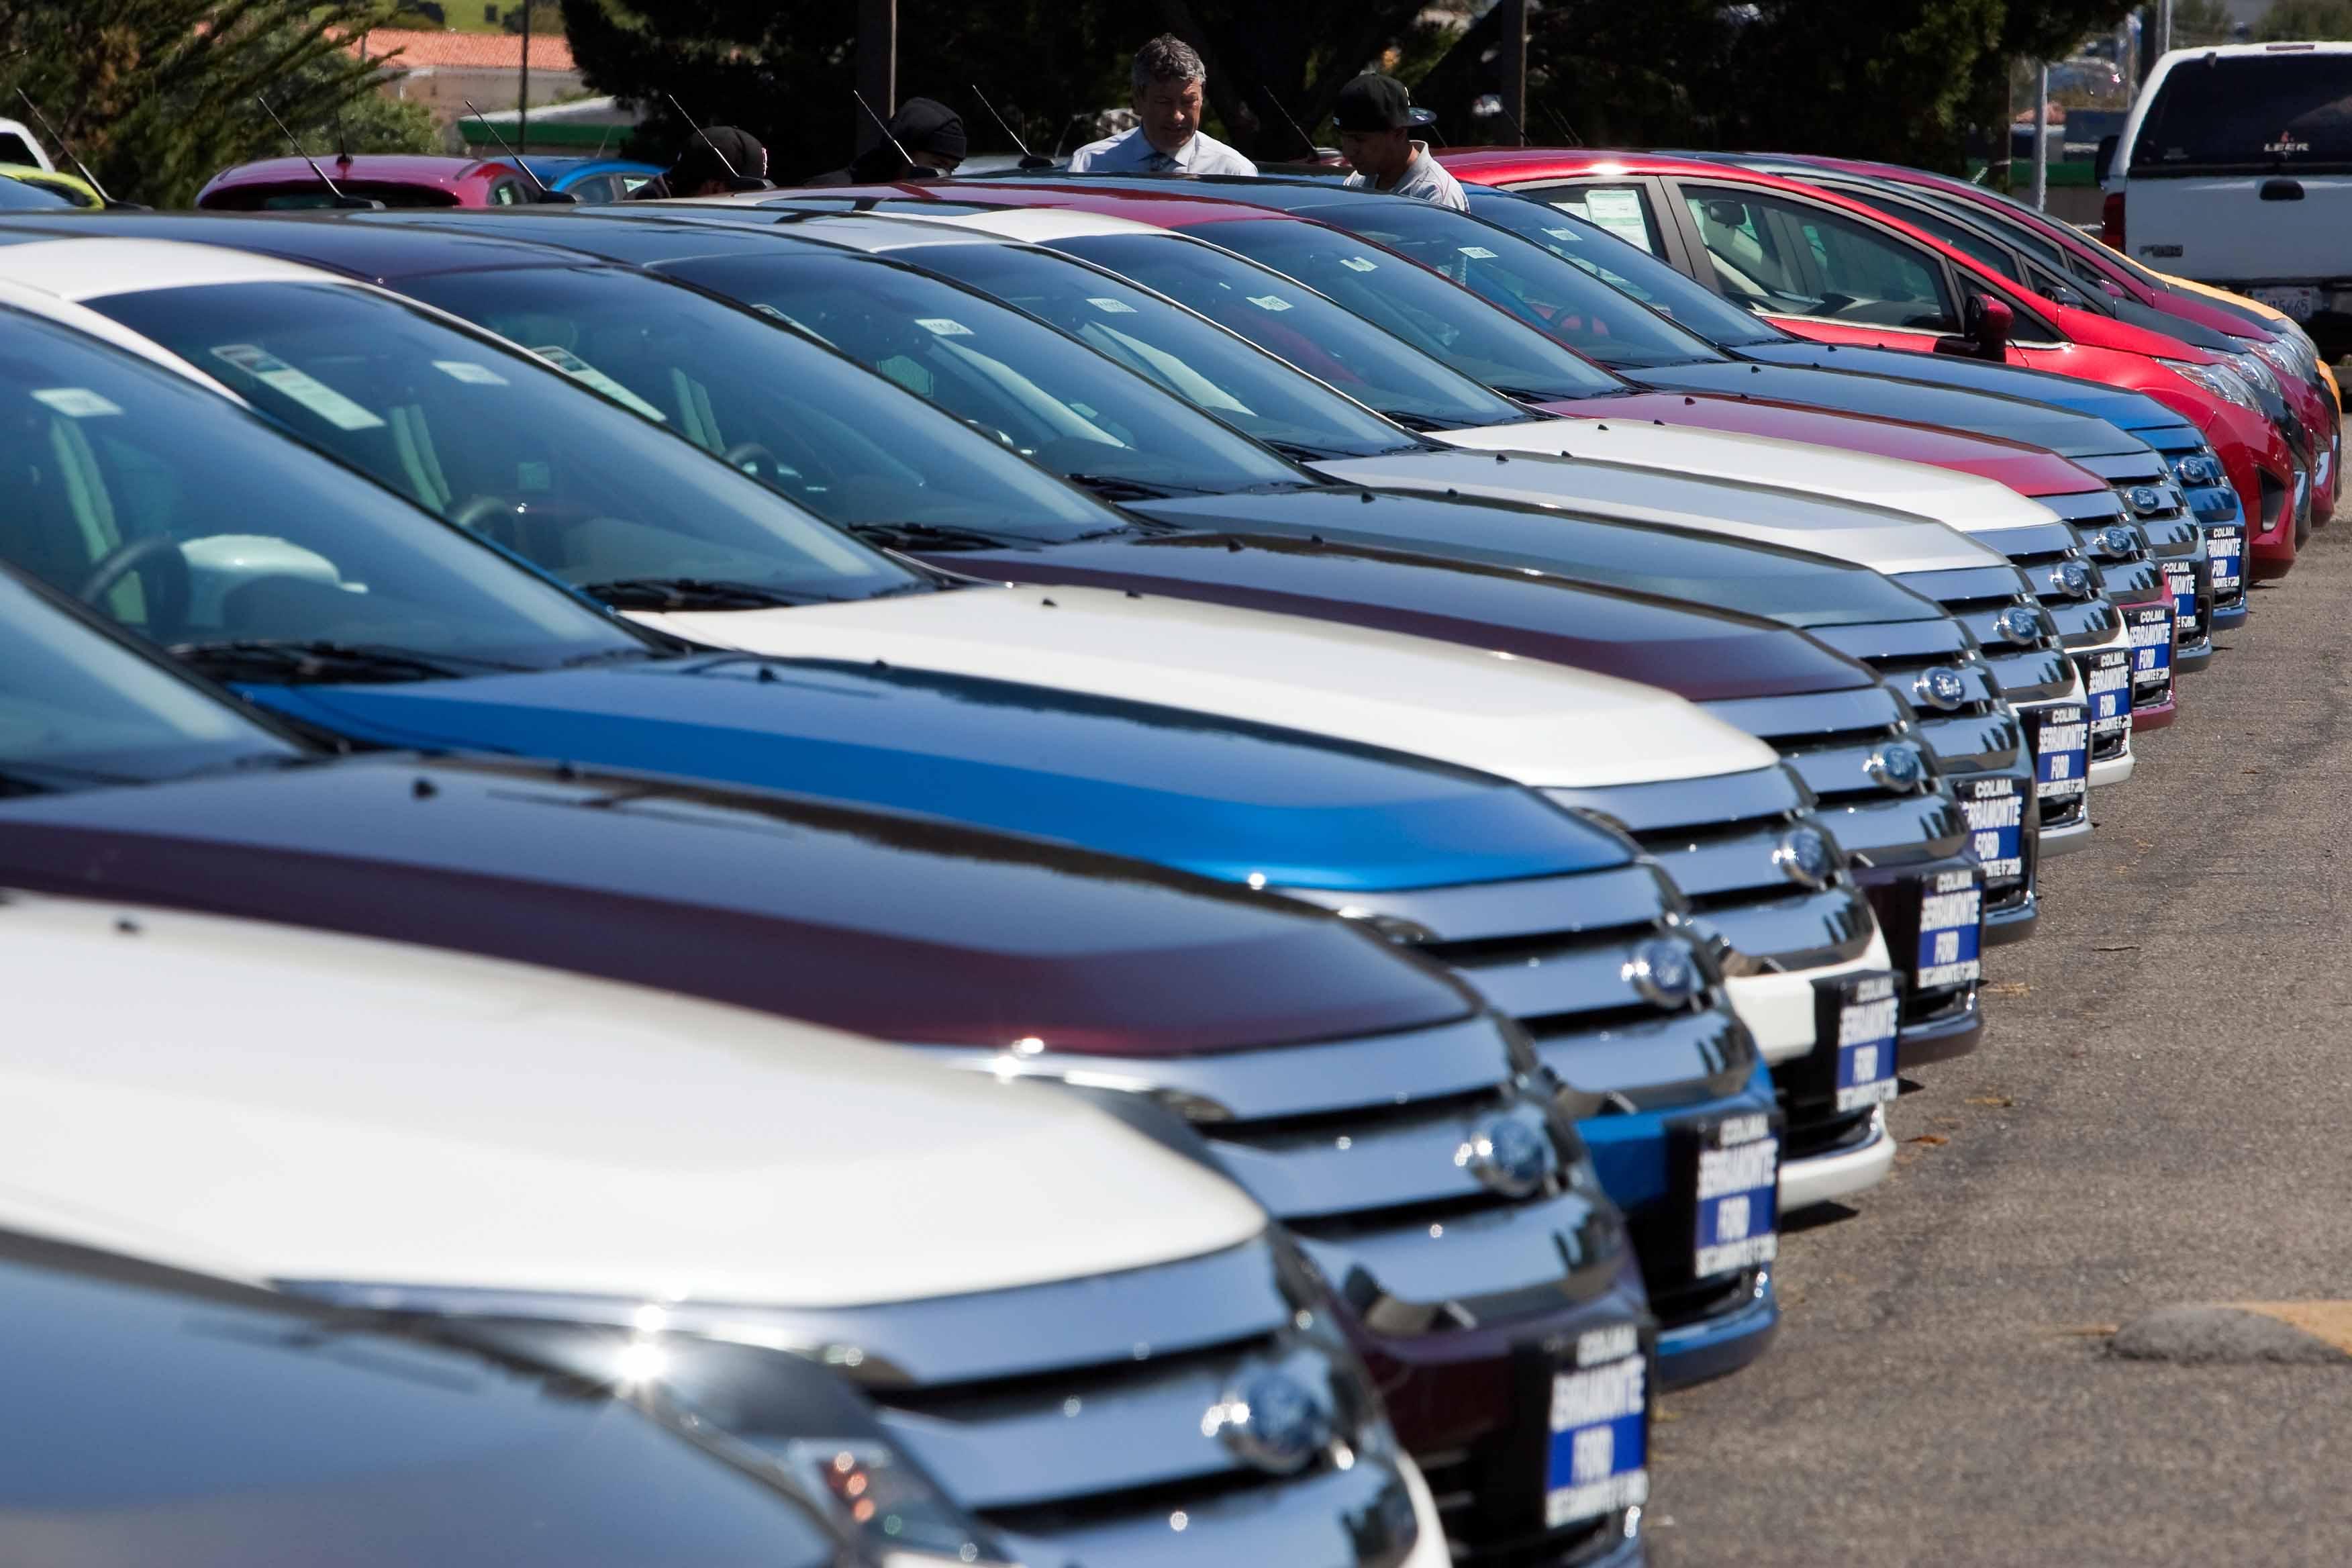 Las marcas más vendidas durante abril fueron, Nissan con 24 mil 566 autos, seguido de General Motors con 18 mil 612 y Volkswagen con 14 mil 587 unidades.